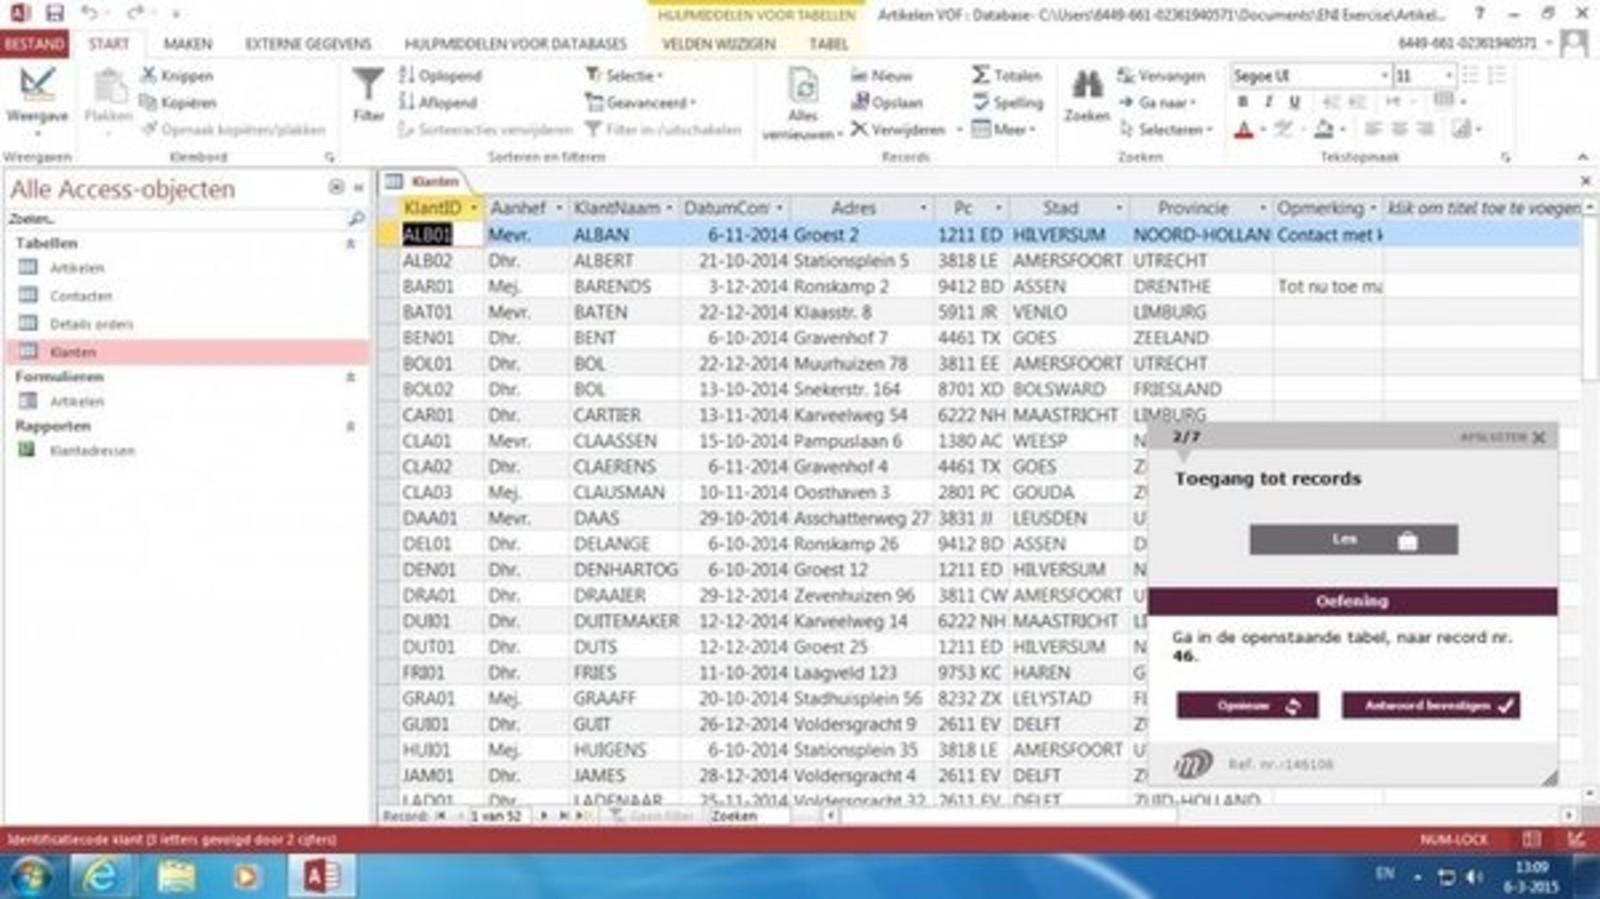 Microsoft Access Access 2016 Anfänger Fortgeschrittene Profi Anwendungs Kurse